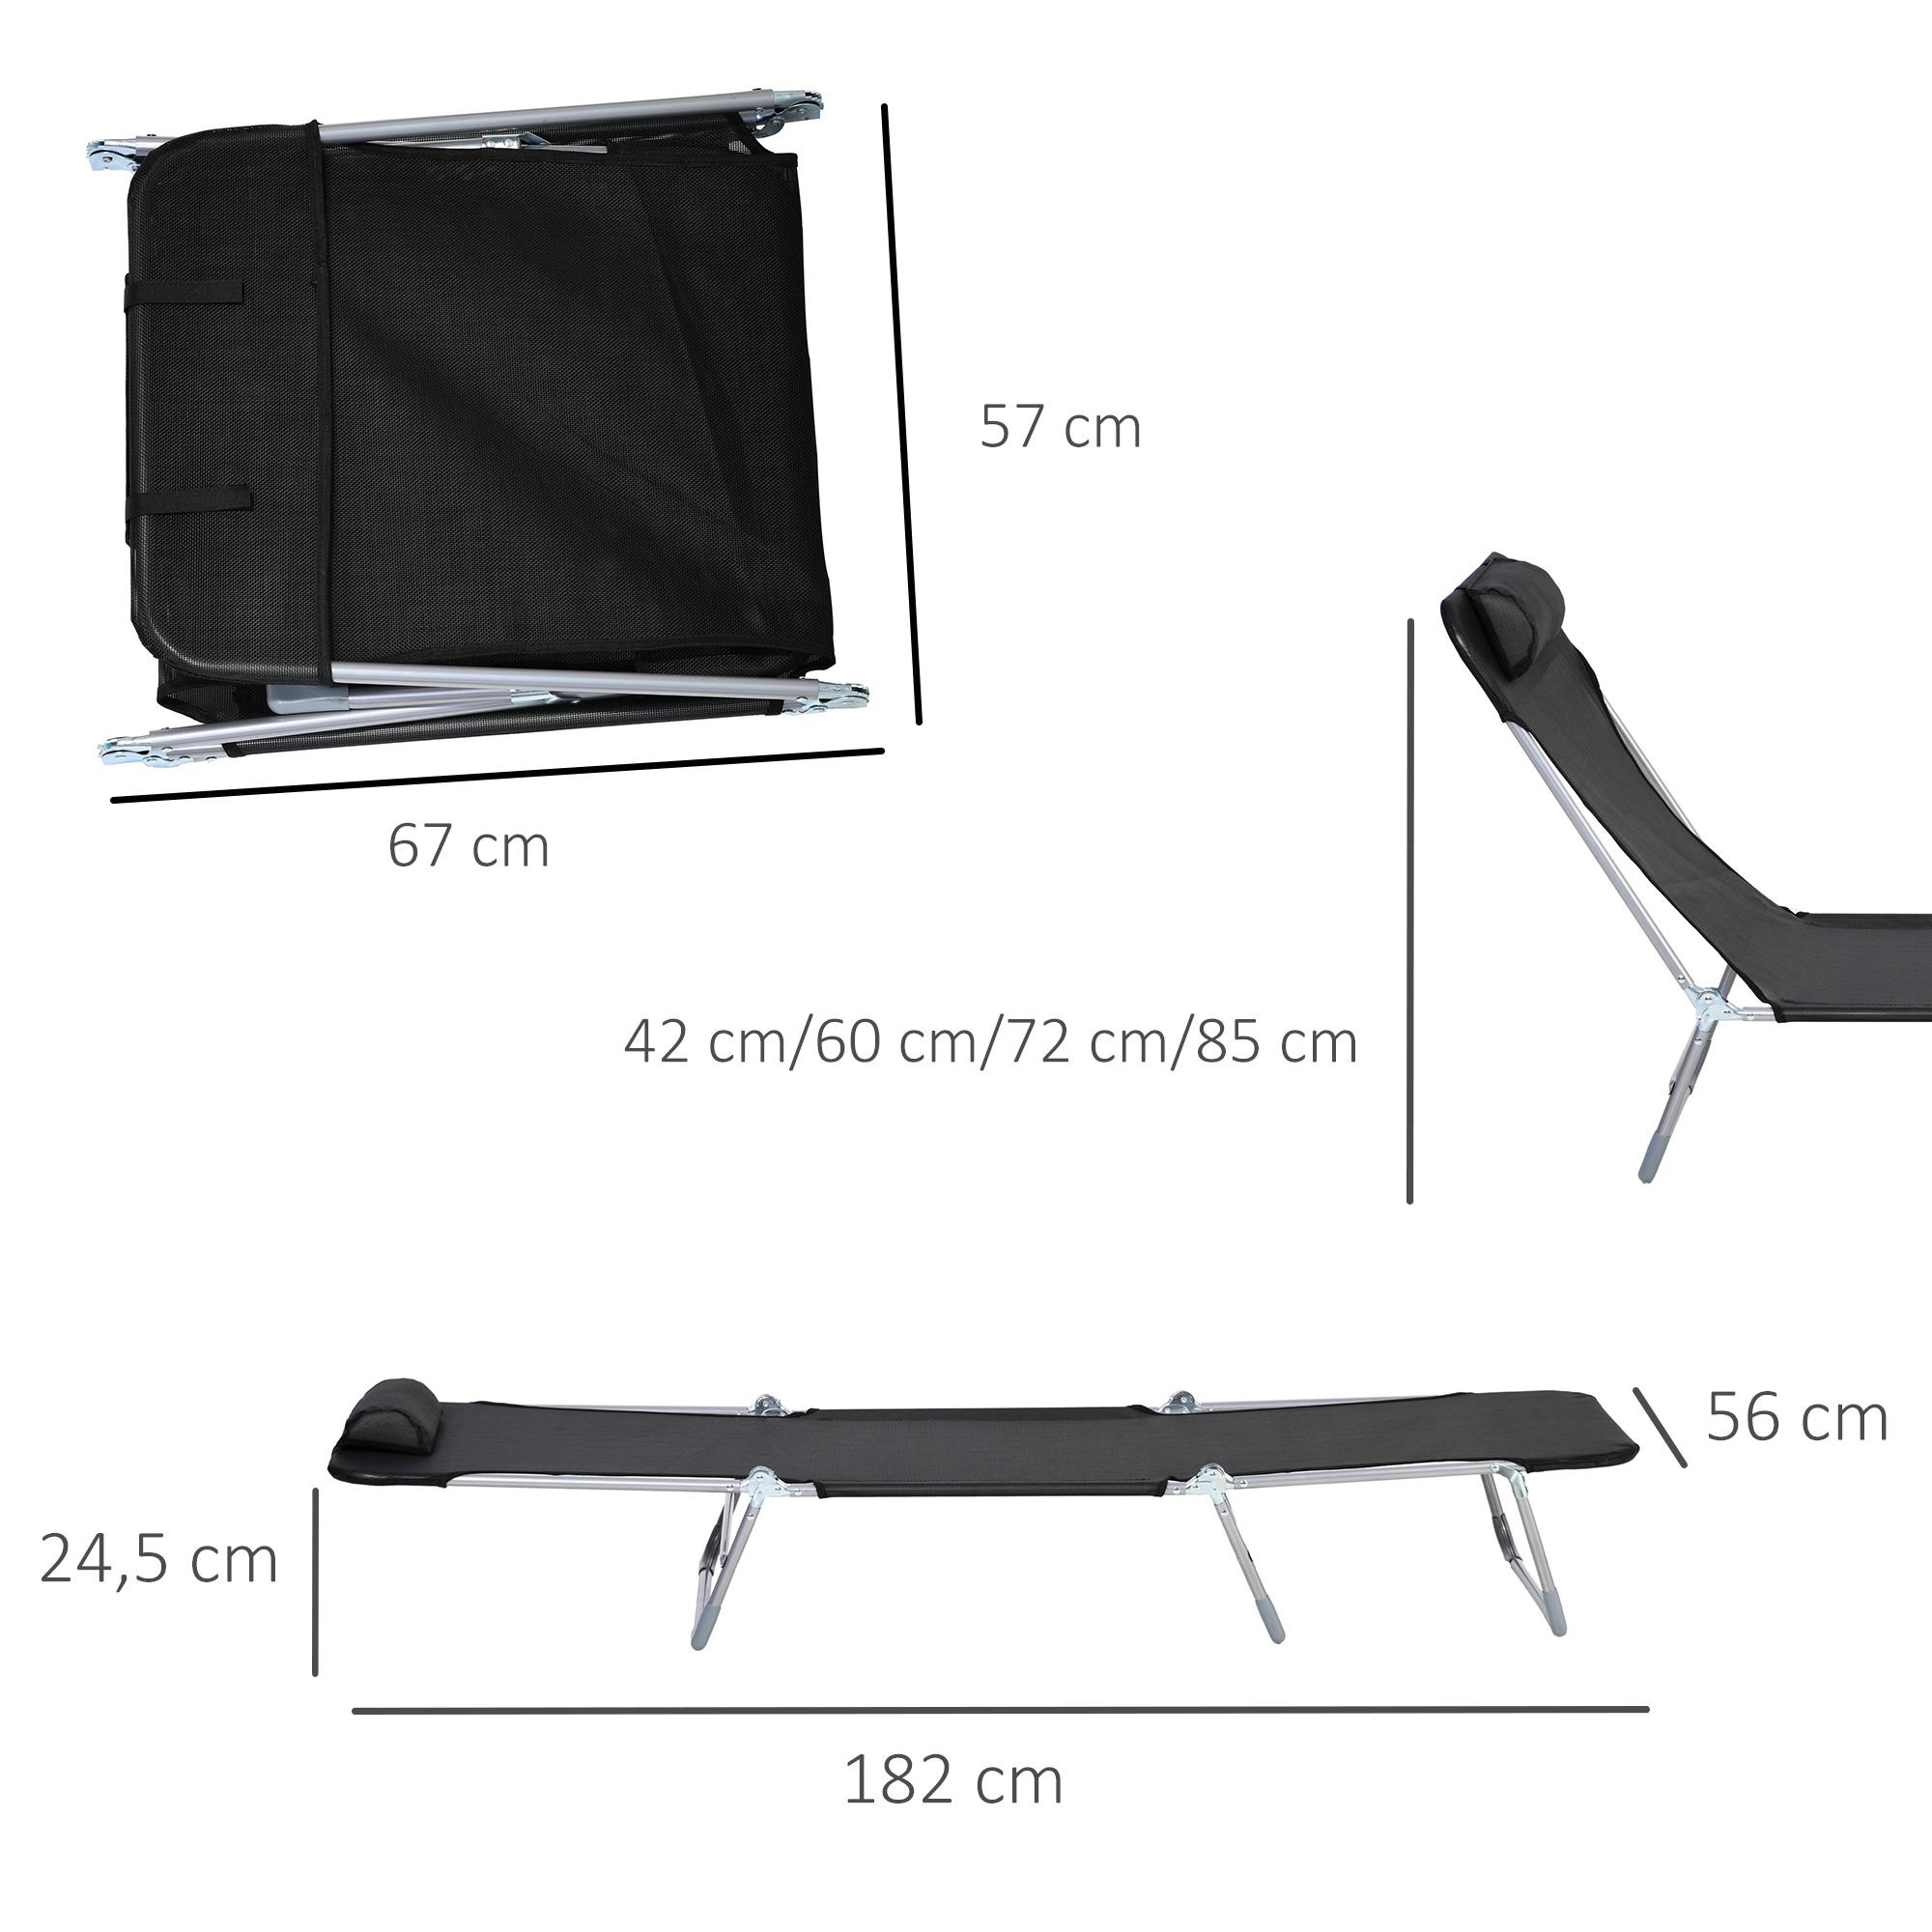 miniatura 27 - Tumbona Plegable y Reclinable con Reposacabezas y Respaldo Ajustable COLOR